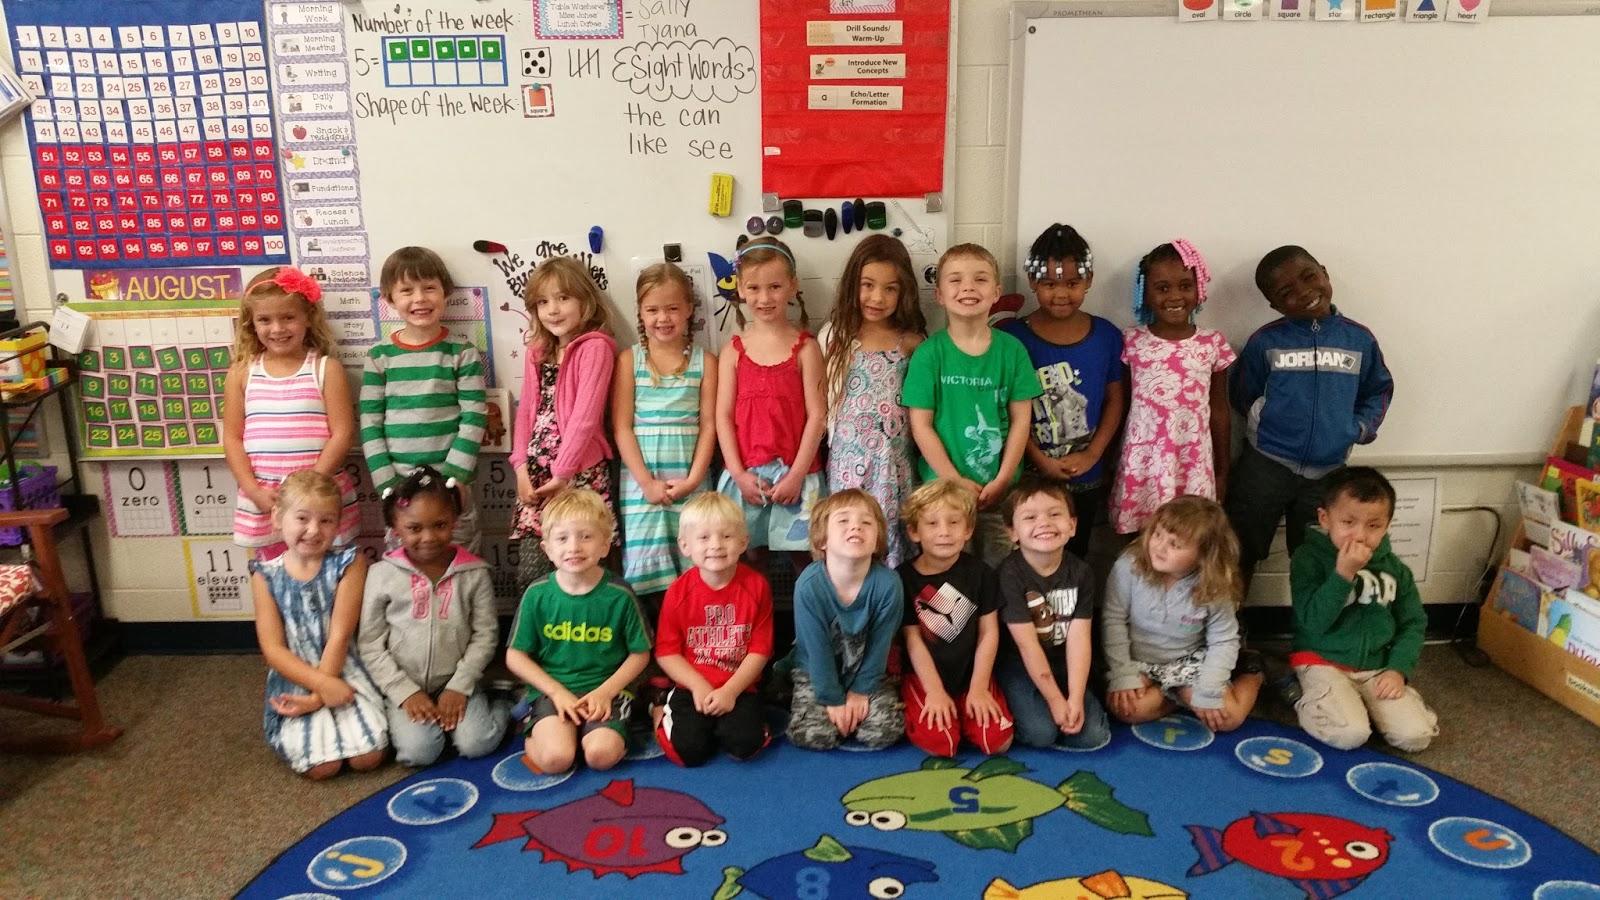 Kindergarten Calendar S S : Miss jones kindergarten class introducing